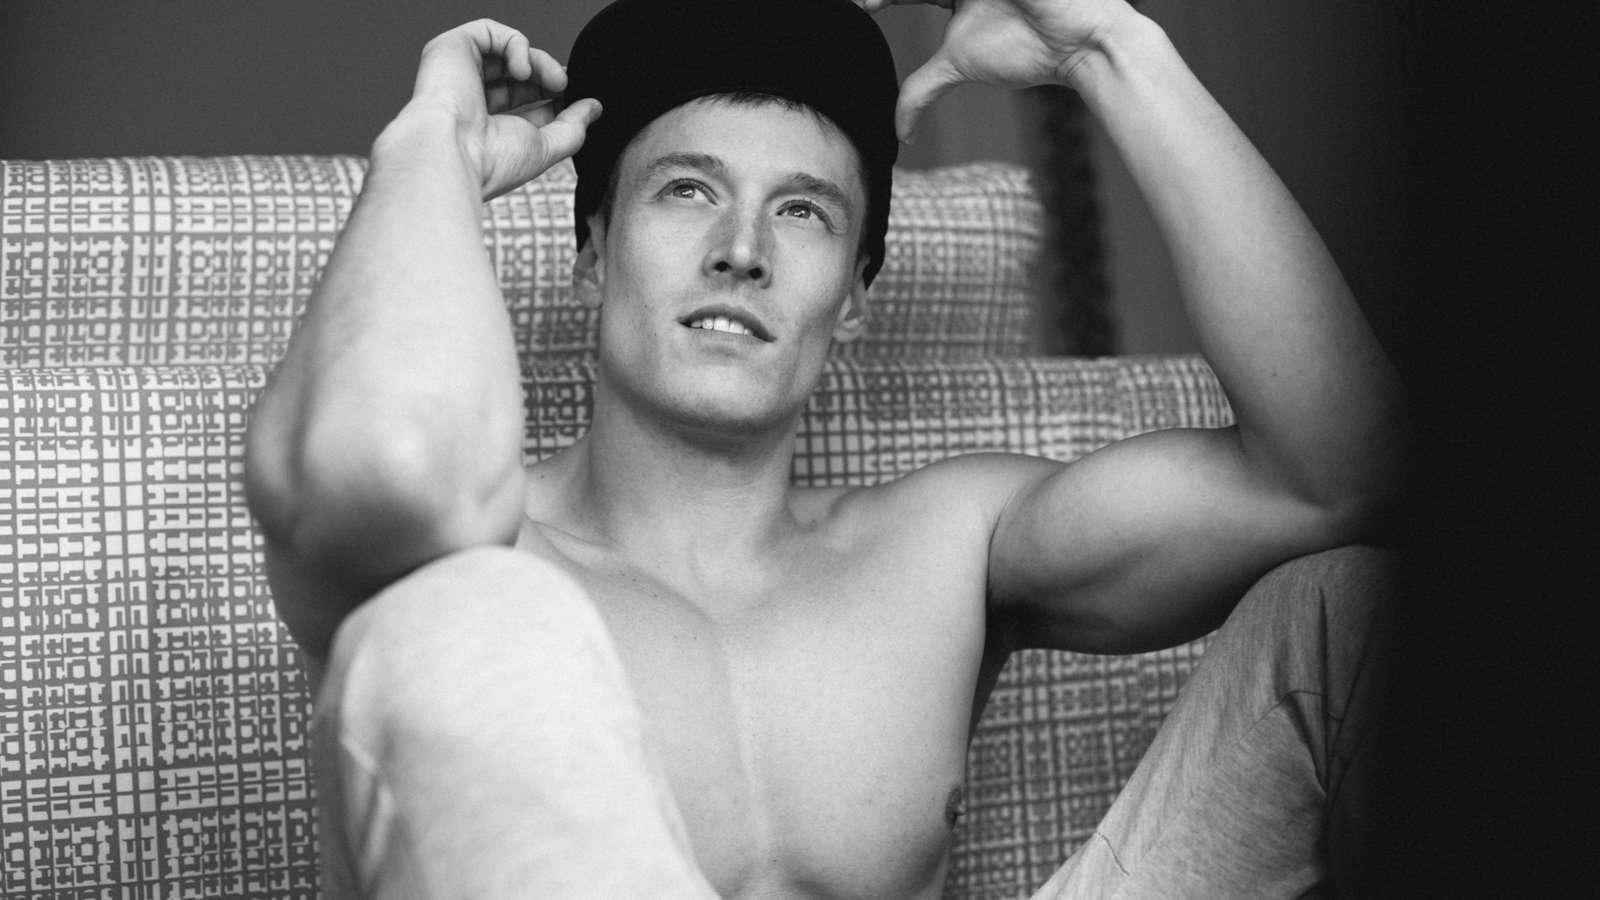 Para dicas de fitness, saúde, nutrição e imagem corporal para gays, adoramos o blog de fitness de Davey Wavey